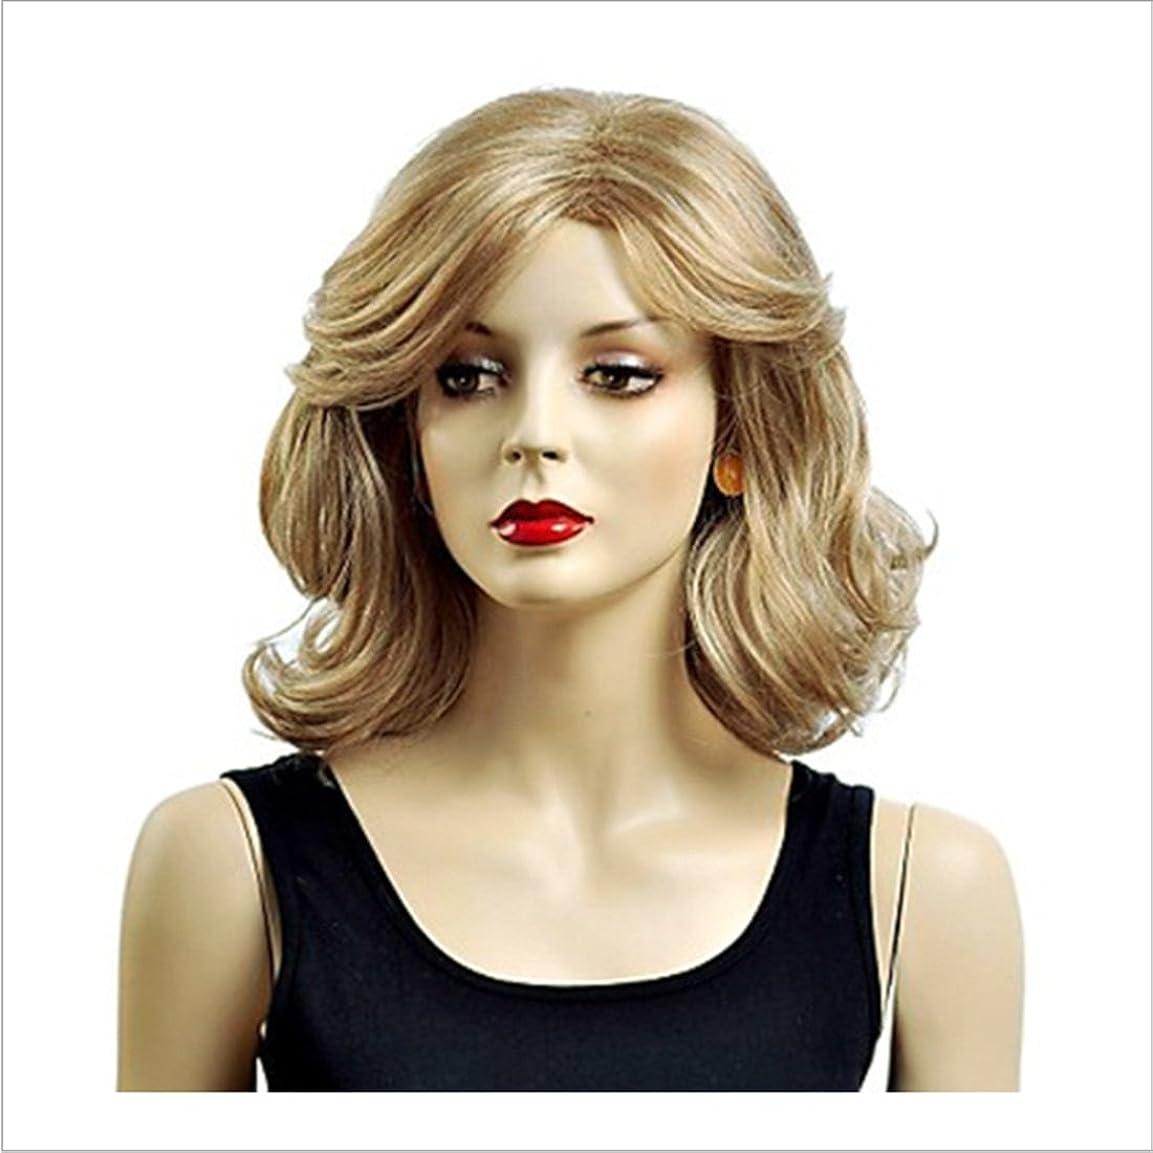 排泄物代表団音声学かつら 白人女性のためのかつらゴールドカーリーウィッグショートふわふわウェーブのかかった人工毛ナチュラルルッキングカーリーウィッグデイリーウィッグ耐熱で分割前髪付き16 '' 180g(ゴールド)ファッションウィッグ (色 : ゴールド)